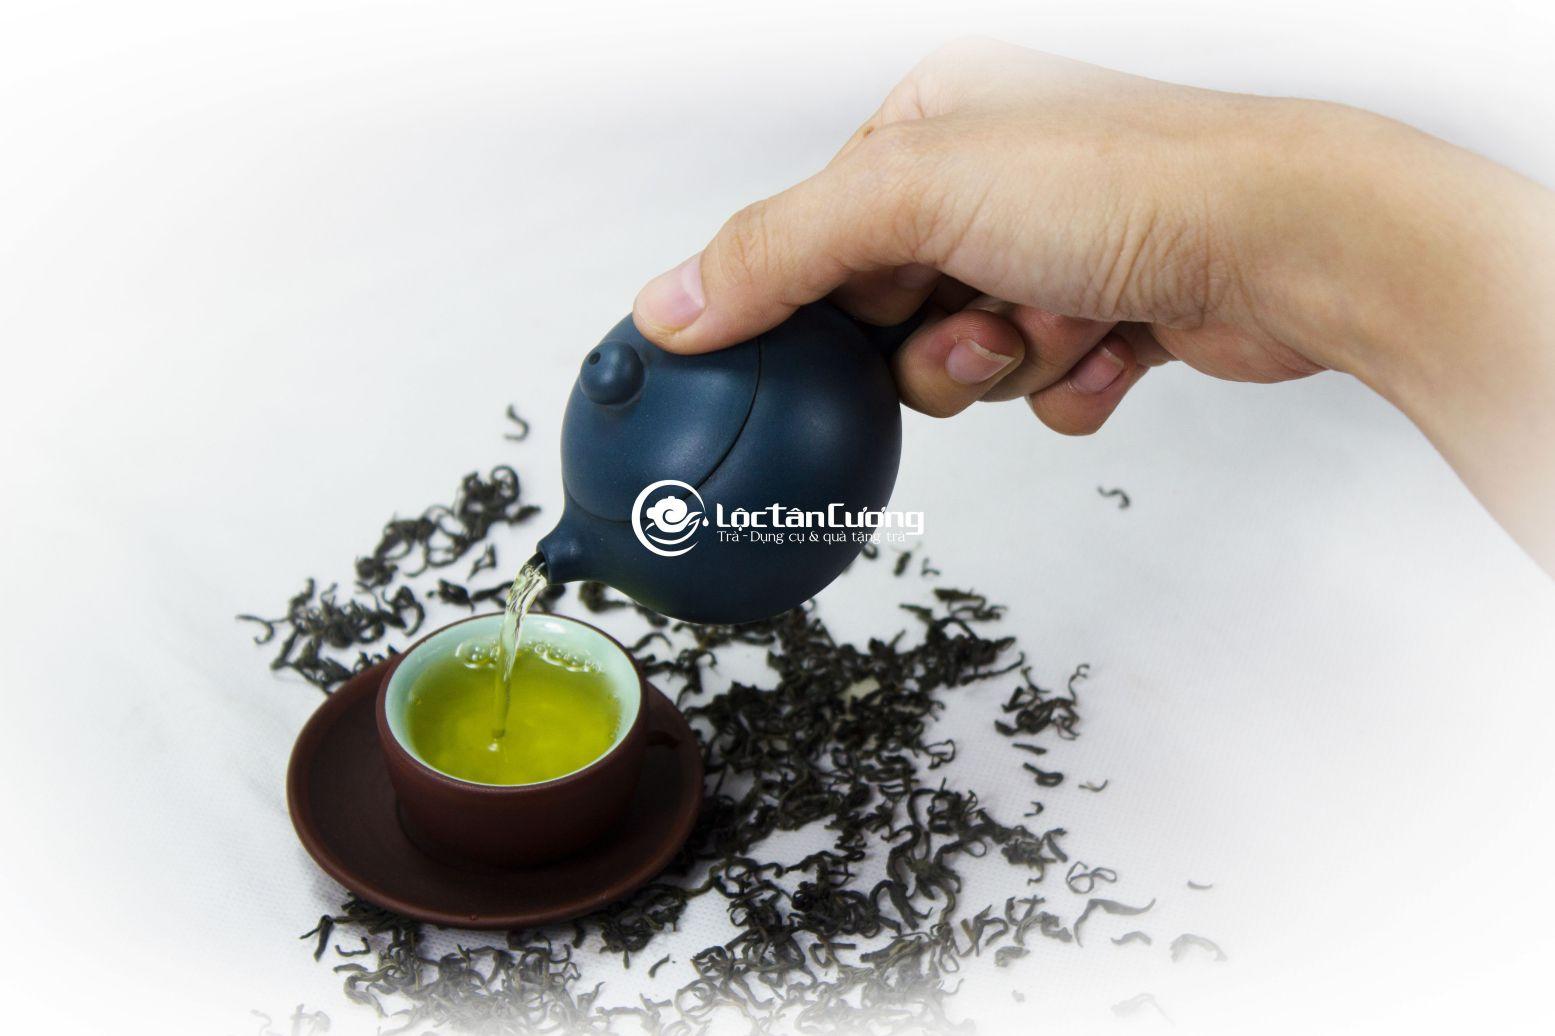 Với trà móc câu hảo hạng tép nhỏ bạn có thể thuận lợi mang đi công tác xa, du lịch và định lượng pha trà chính xác